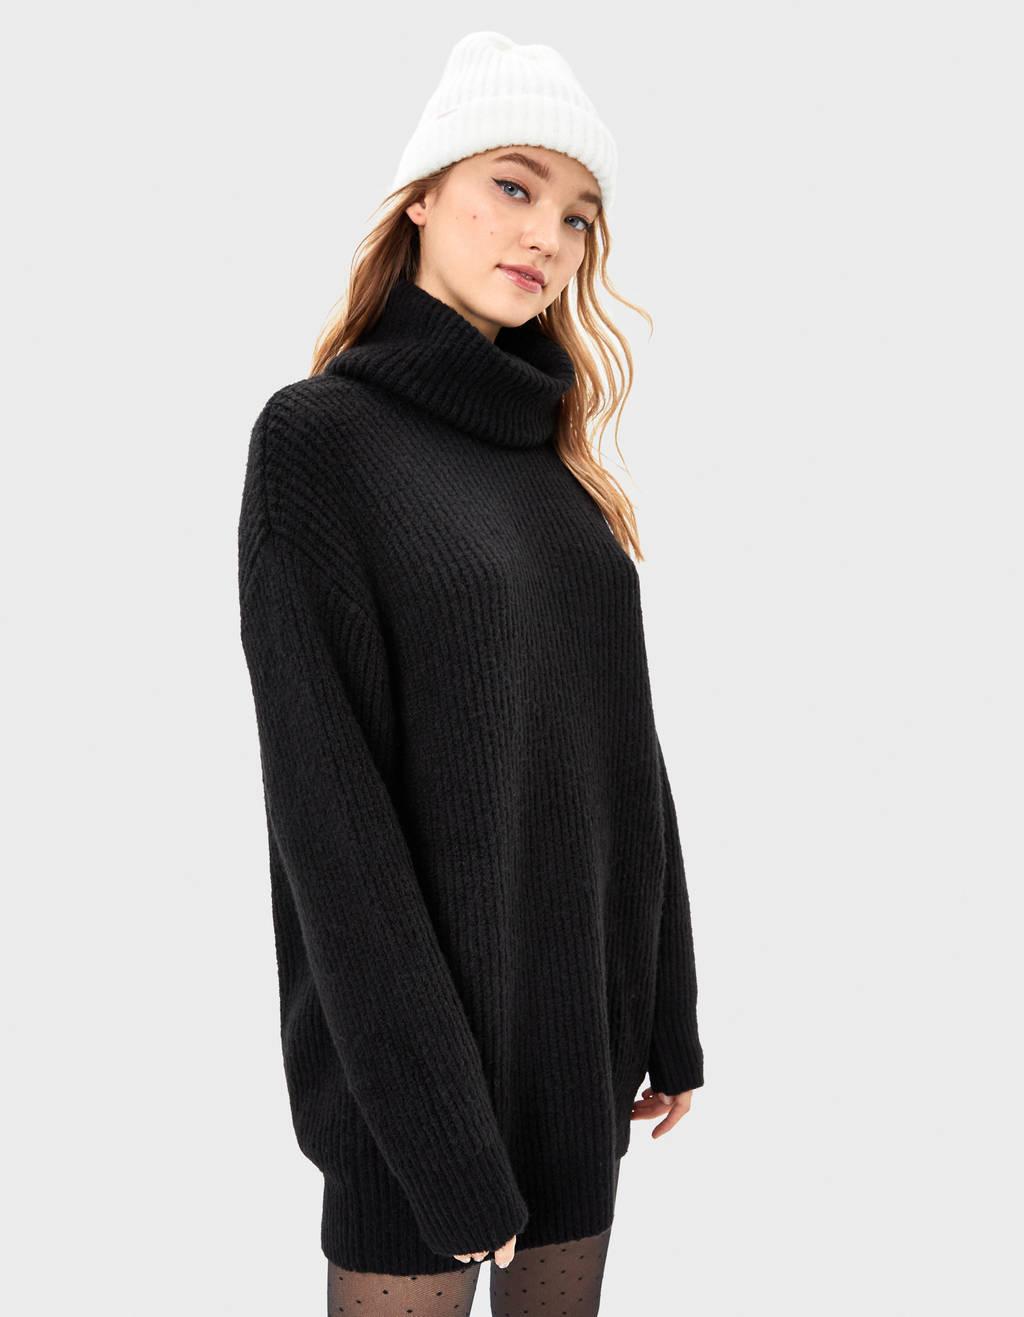 Oversize pulover s puli ovratnikom